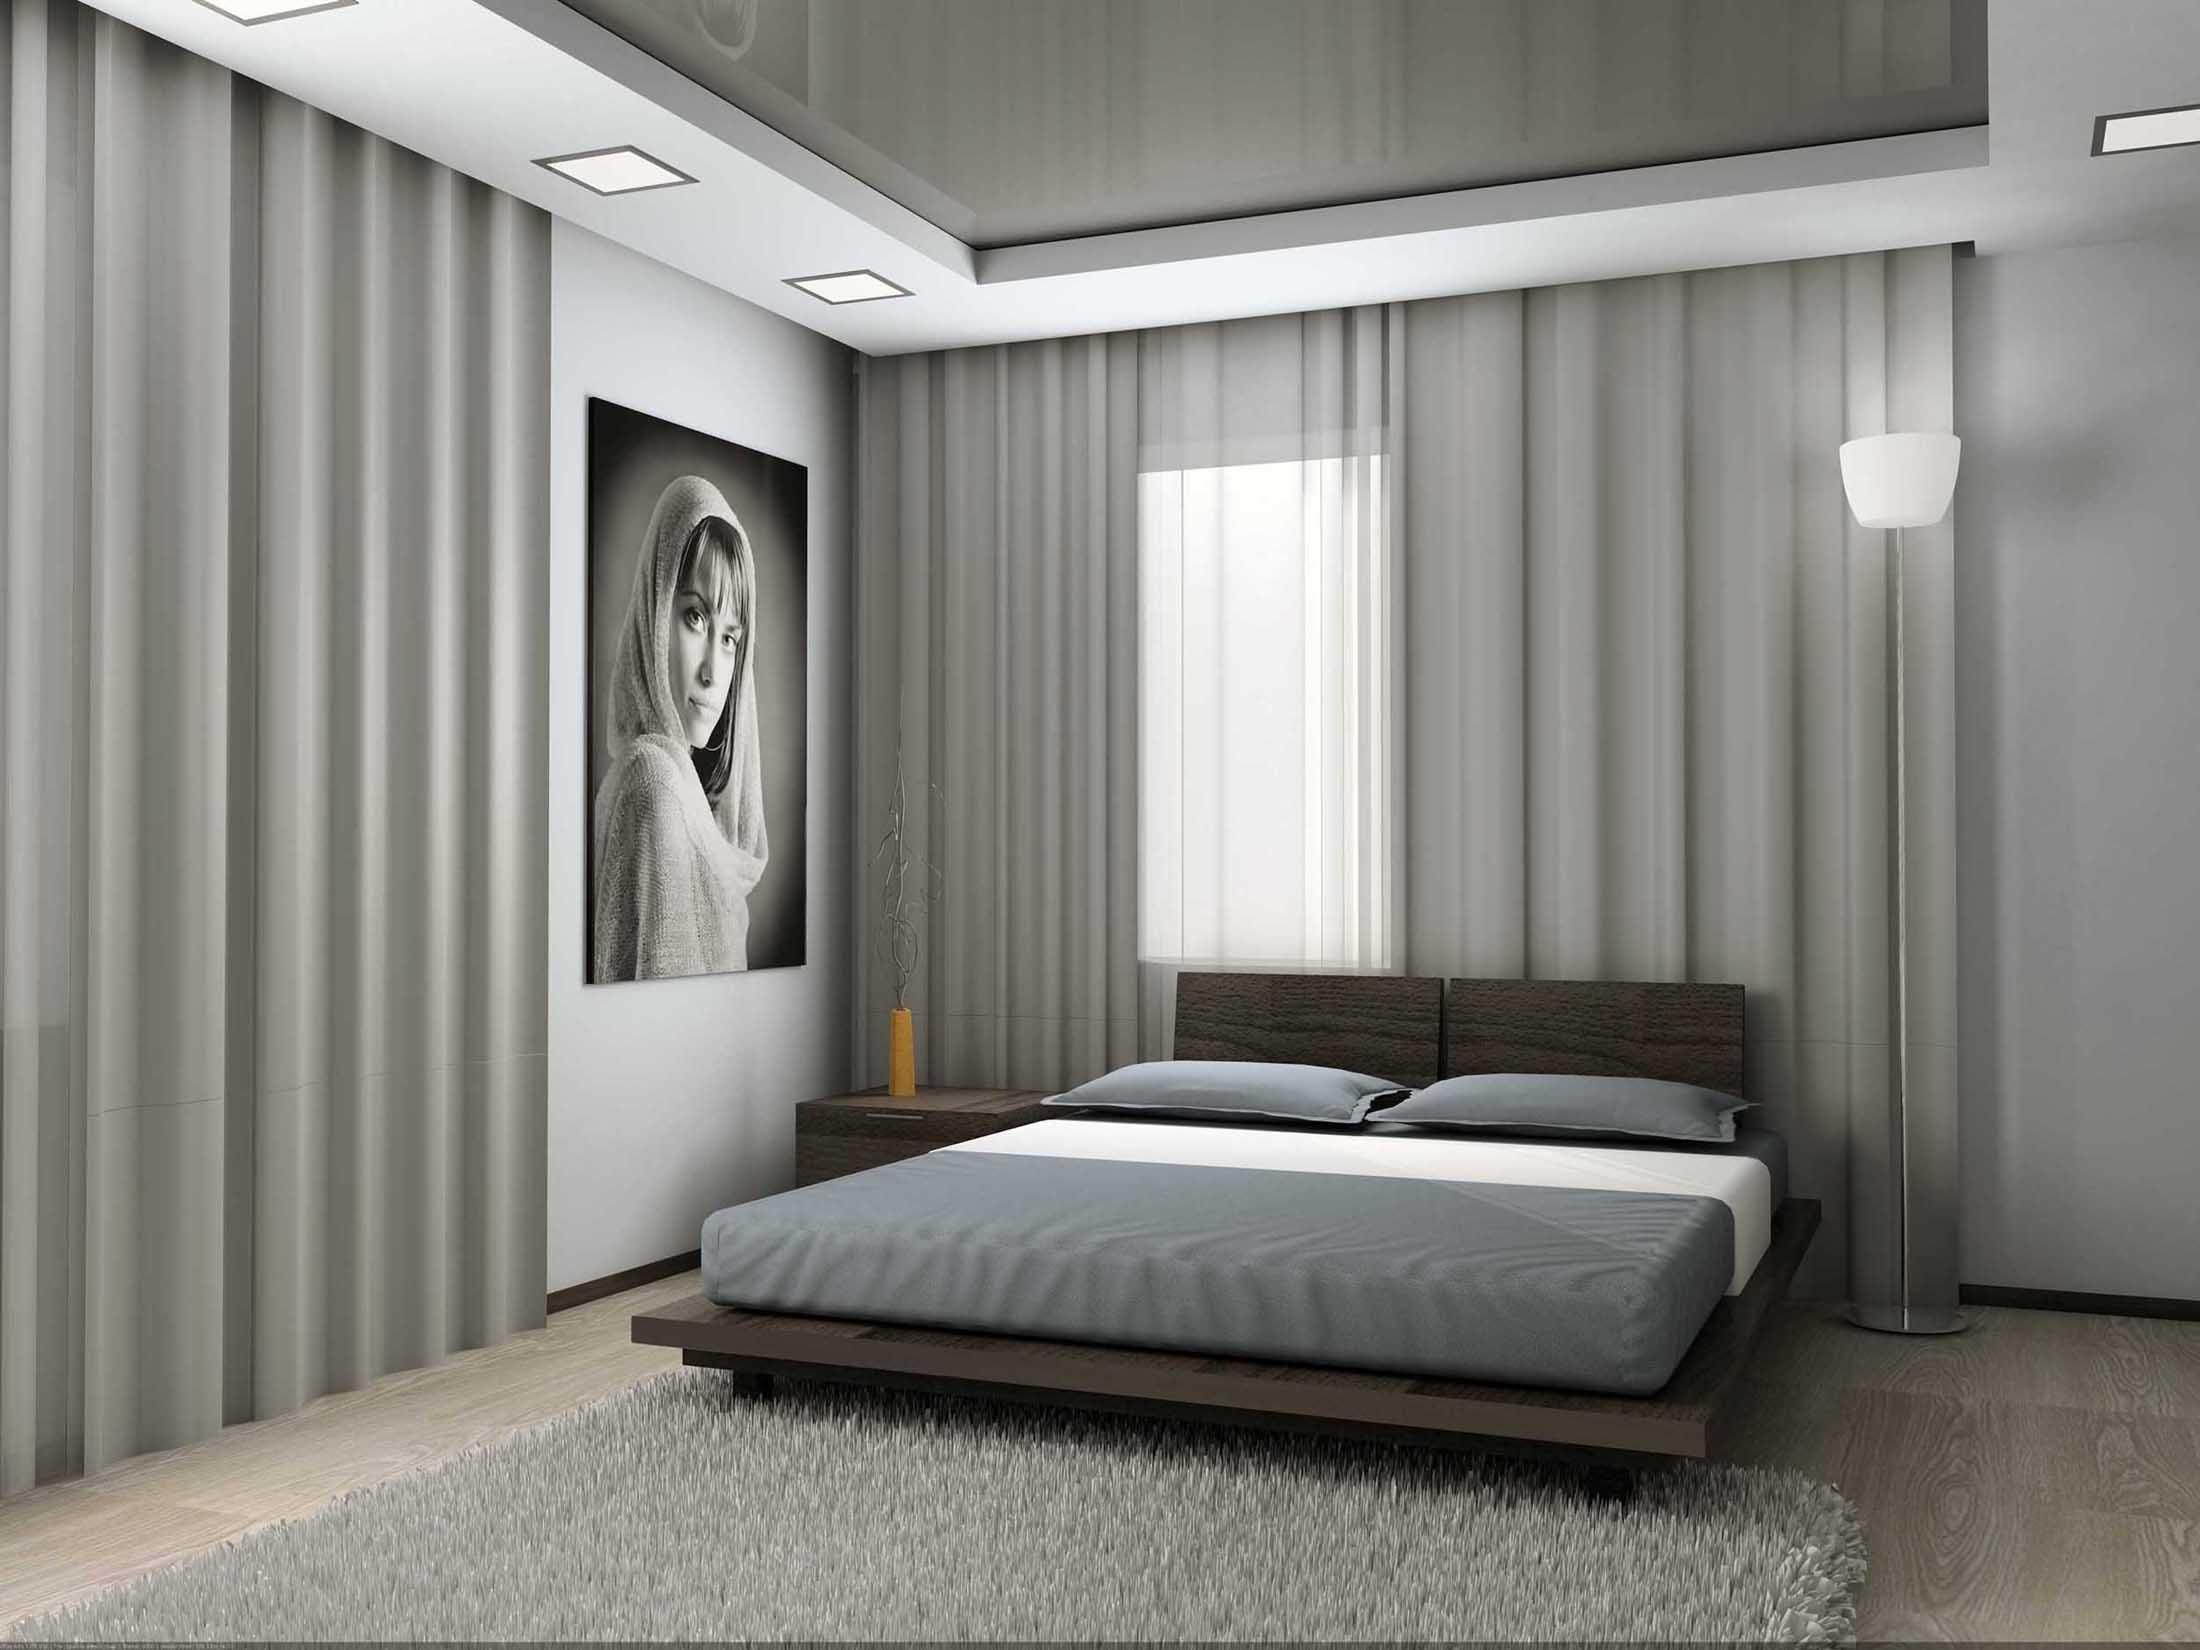 черно-белый постер в стиле минимализм в интерьере комнаты